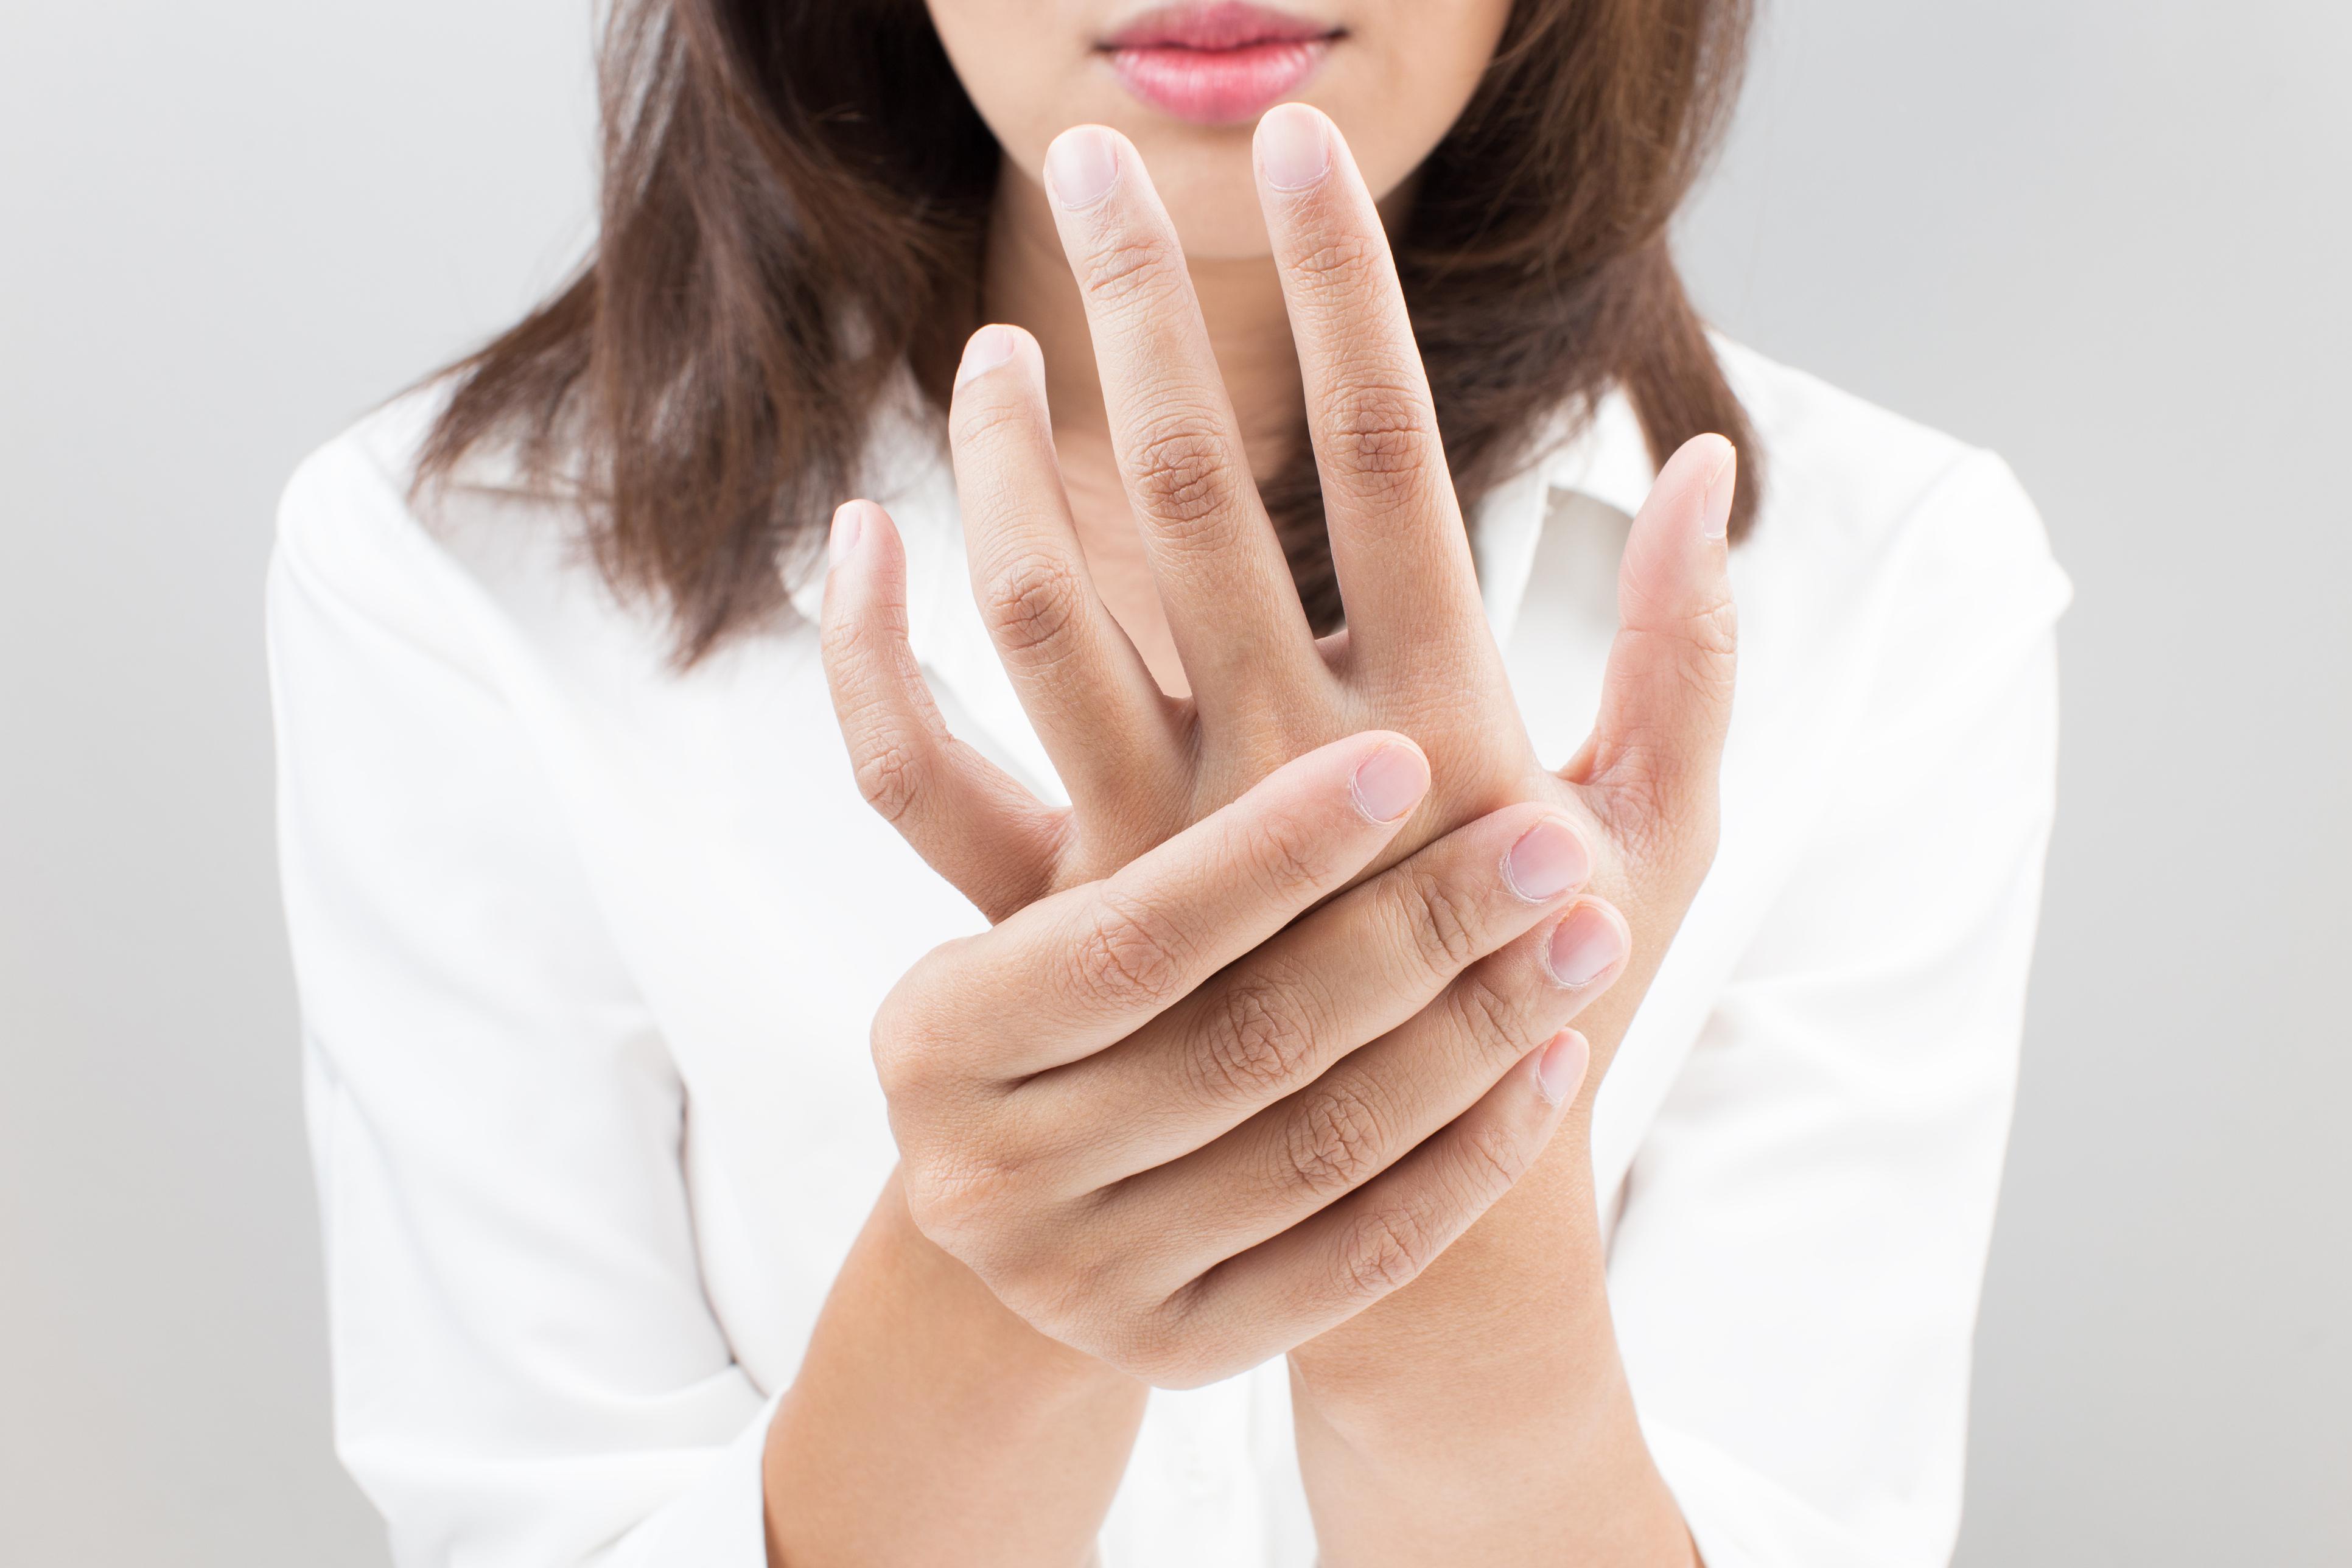 Douleurs articulaires : comment les traiter?